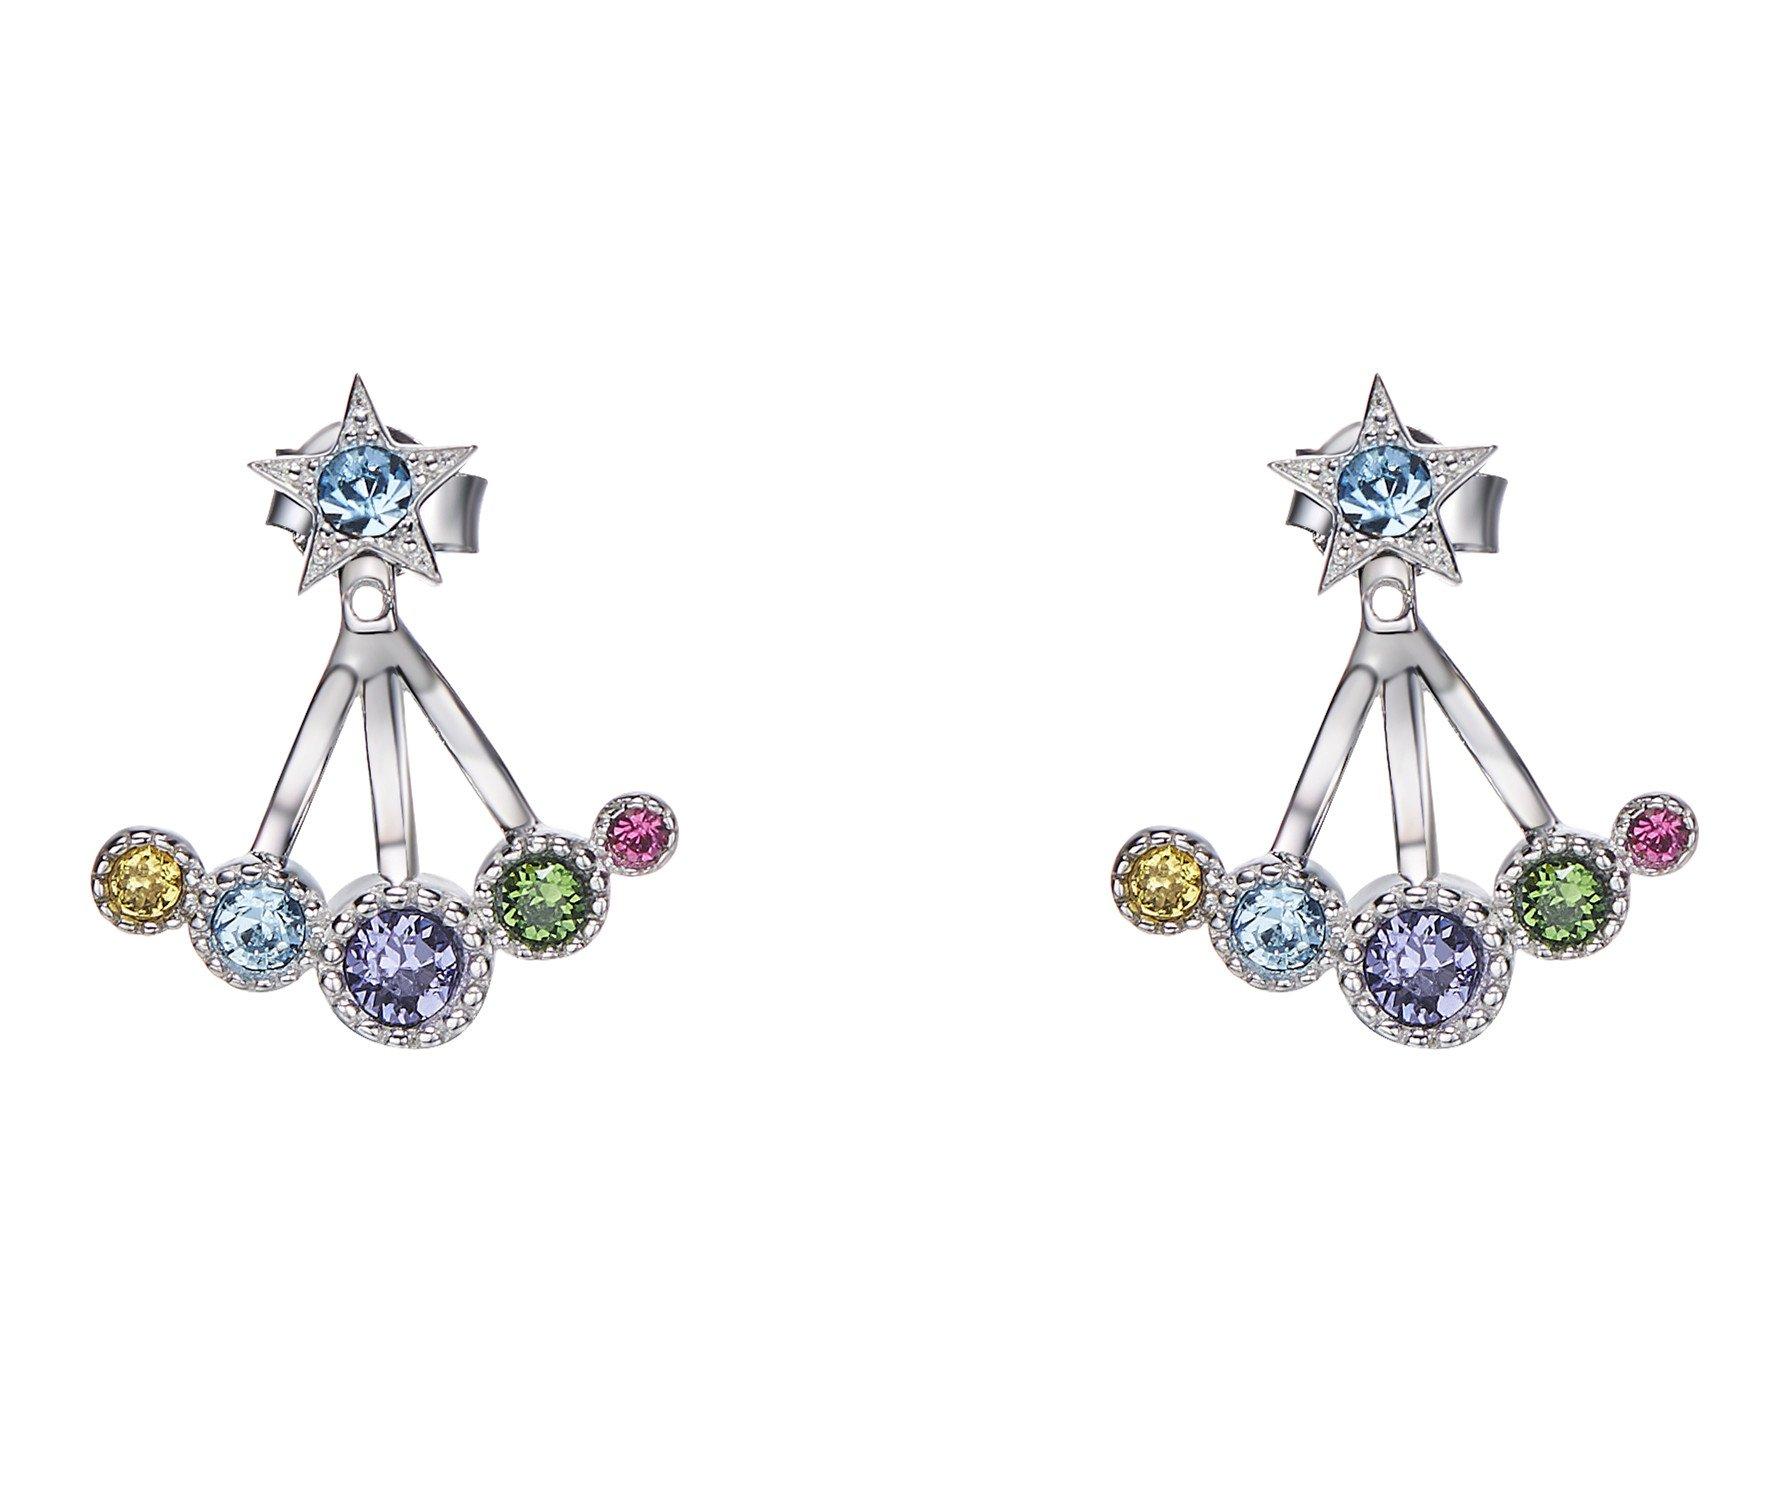 Vogzone Crystal Ear Jacket Earrings for Women Girls 925 Sterling Silver Back Ear Cuffs Stud Earrings